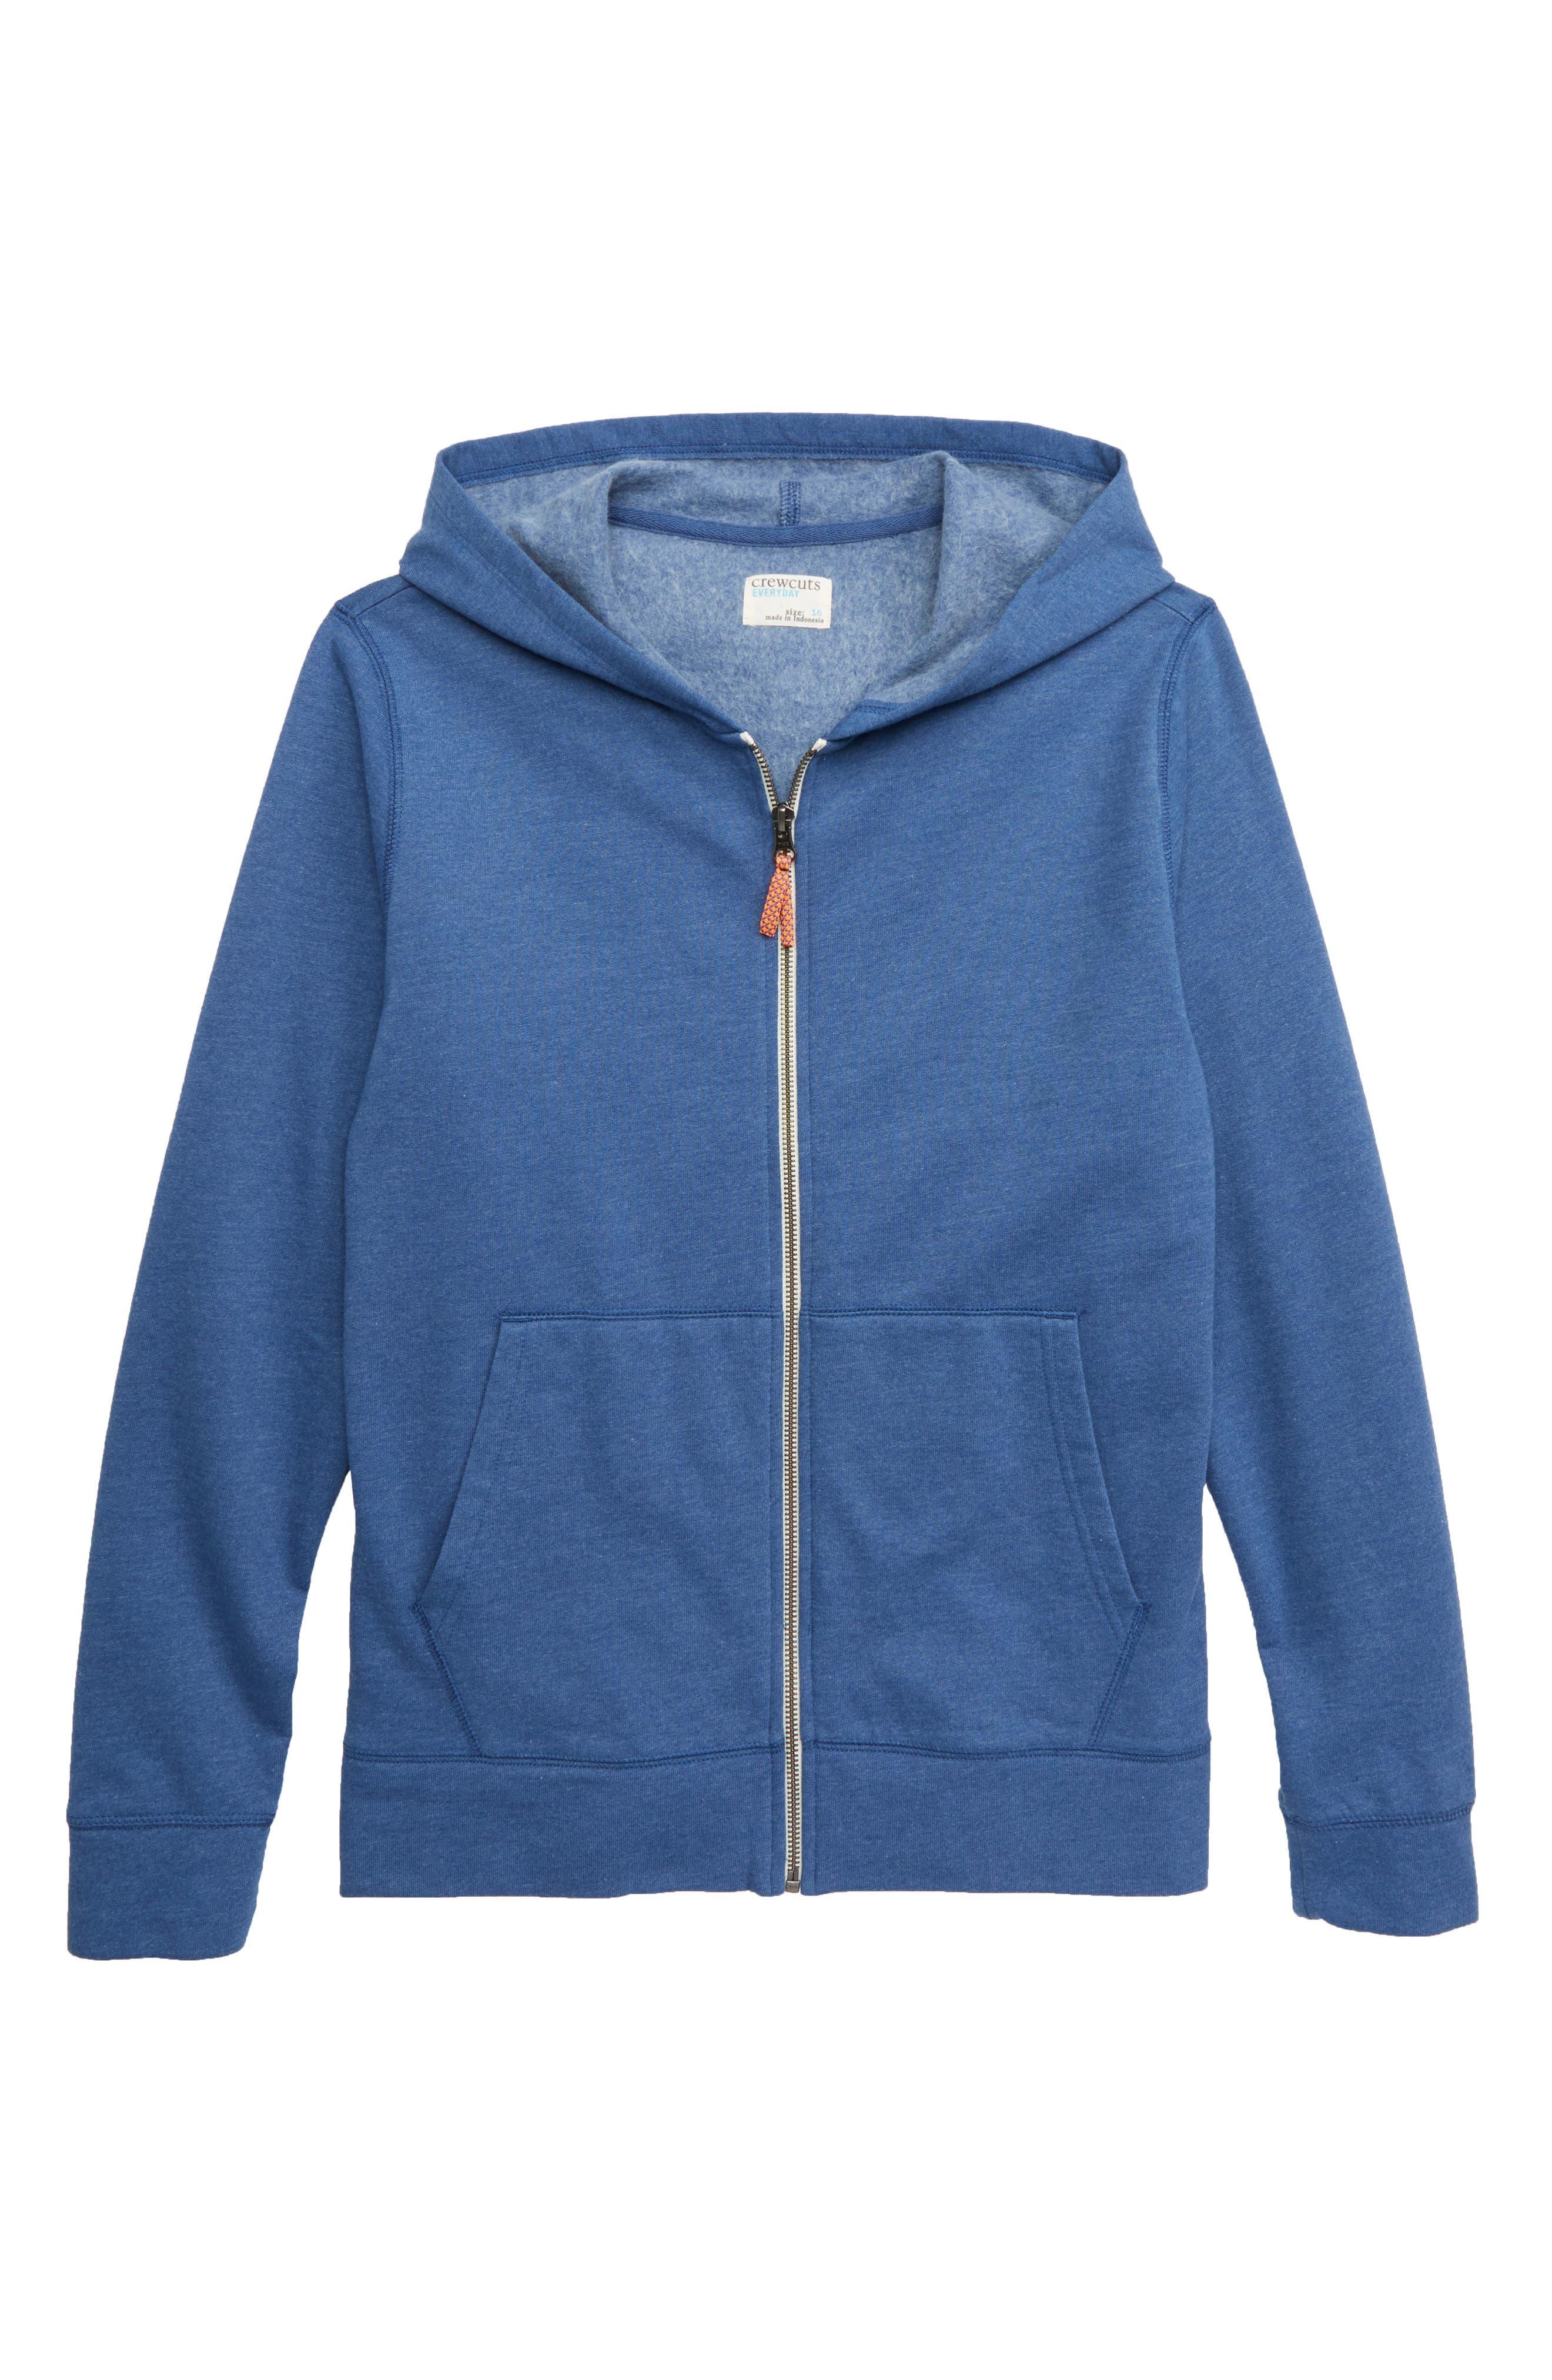 Boys Crewcuts By Jcrew Fleece Zip Hoodie Size 45  Blue